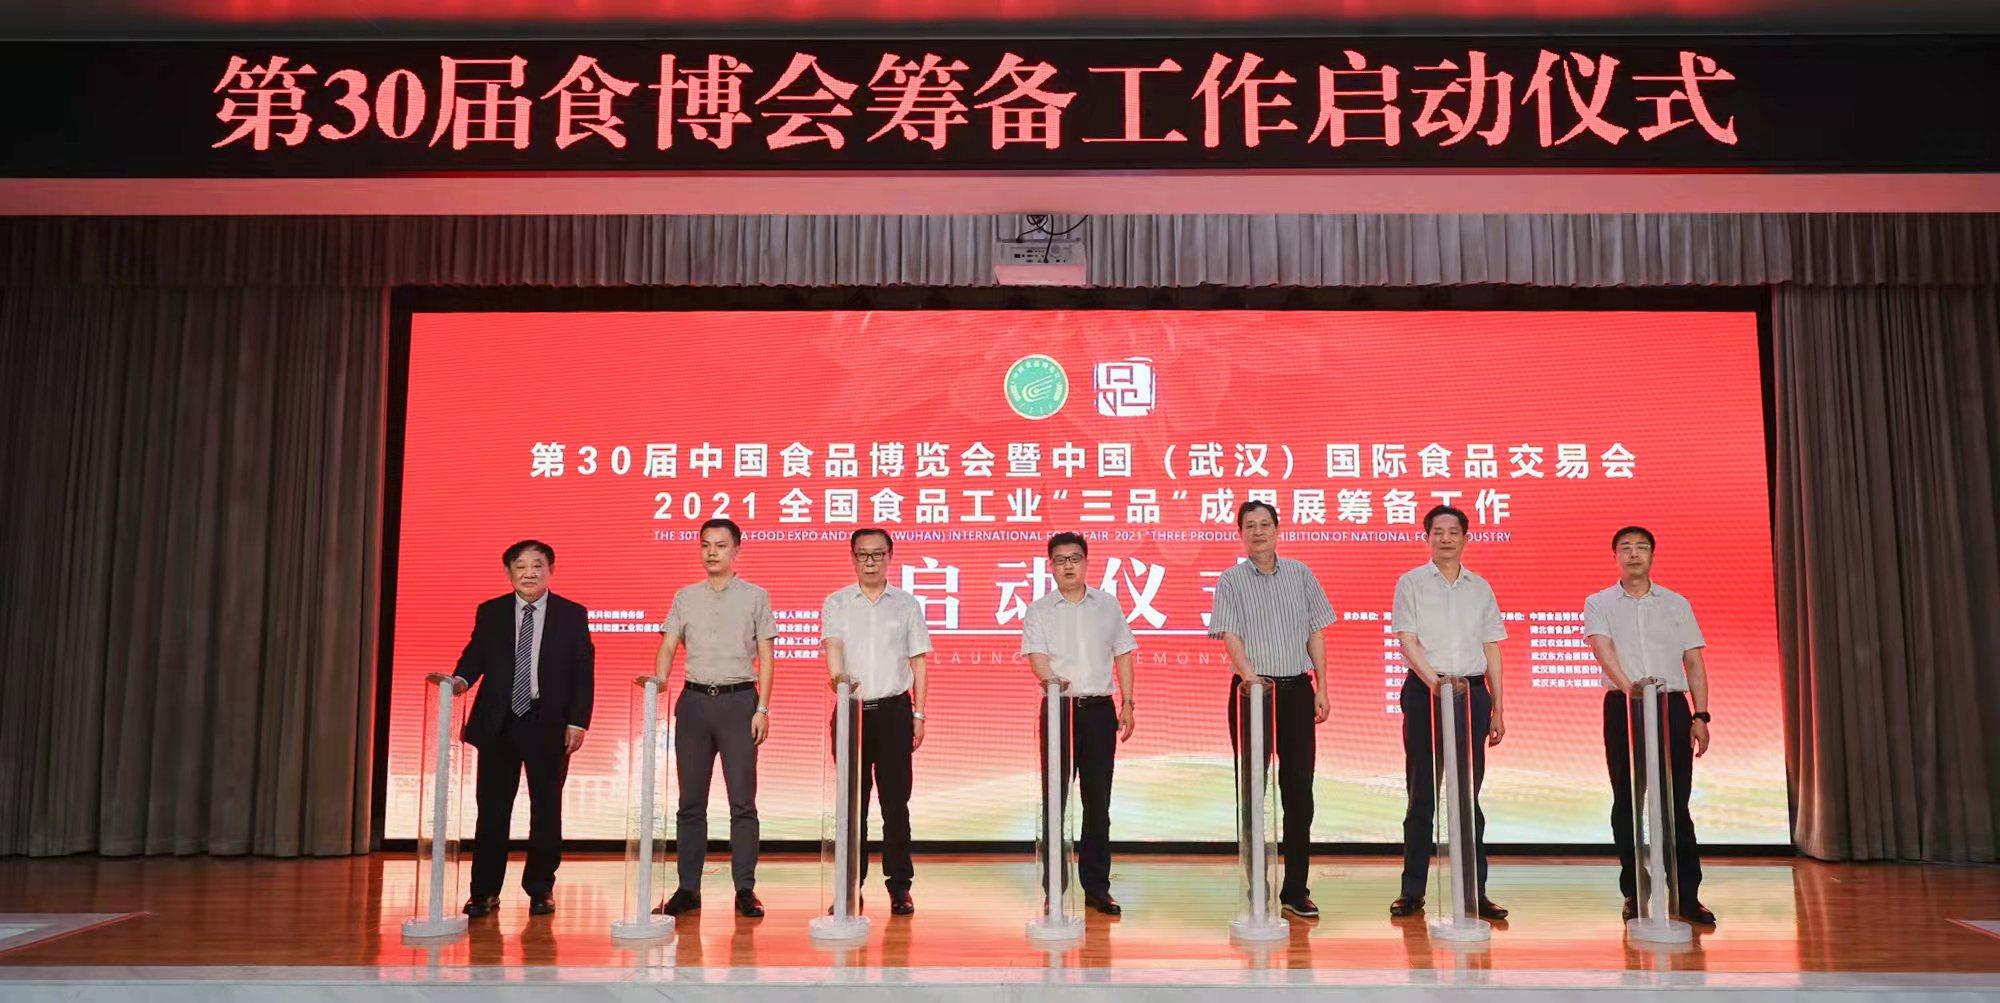 第30届中国食博会暨中国(武汉)国际食品交易会召开筹备工作启动仪式